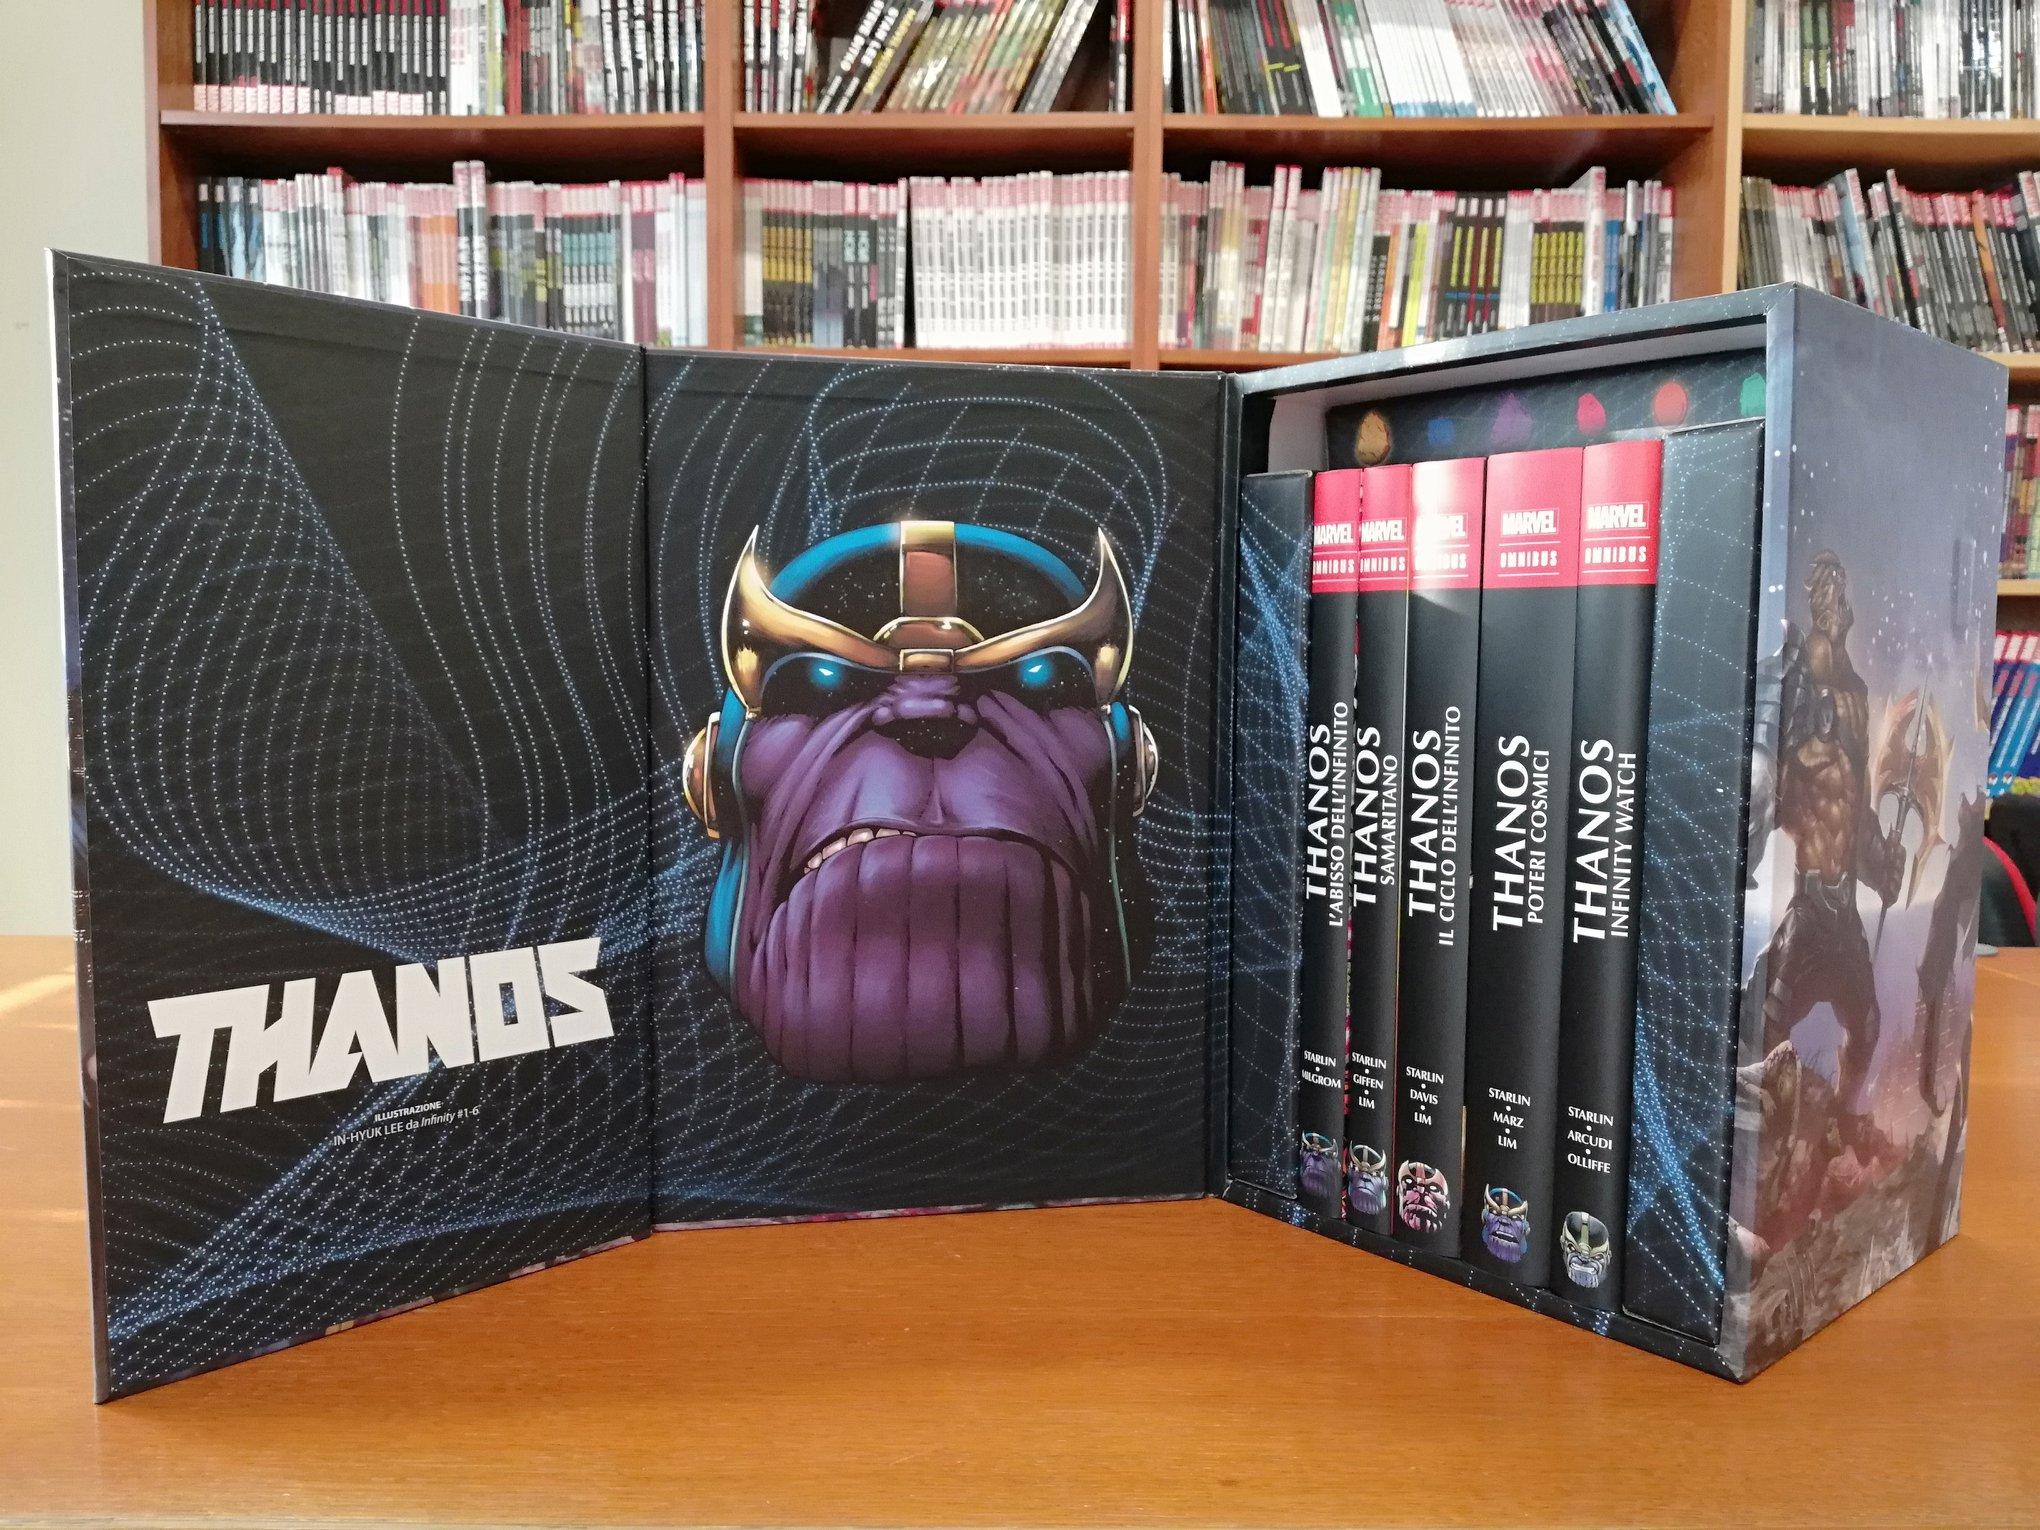 Thanos Omnibus, Il Mega Cofanetto di Panini in arrivo